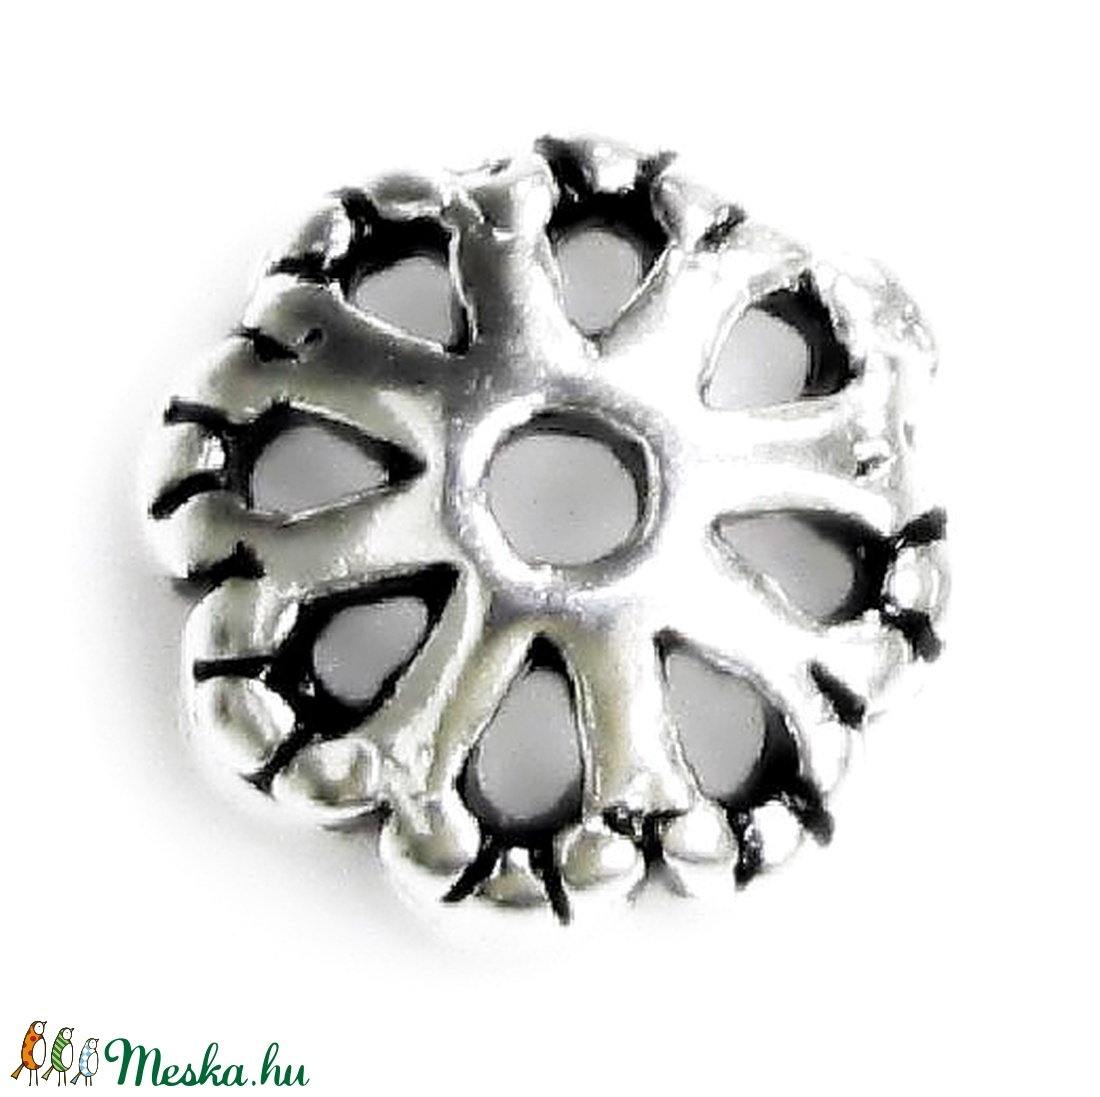 925-ös sterling ezüst gyöngykupak  1db/ csomag  BMCF-02a - gyöngy, ékszerkellék - fém köztesek - Meska.hu